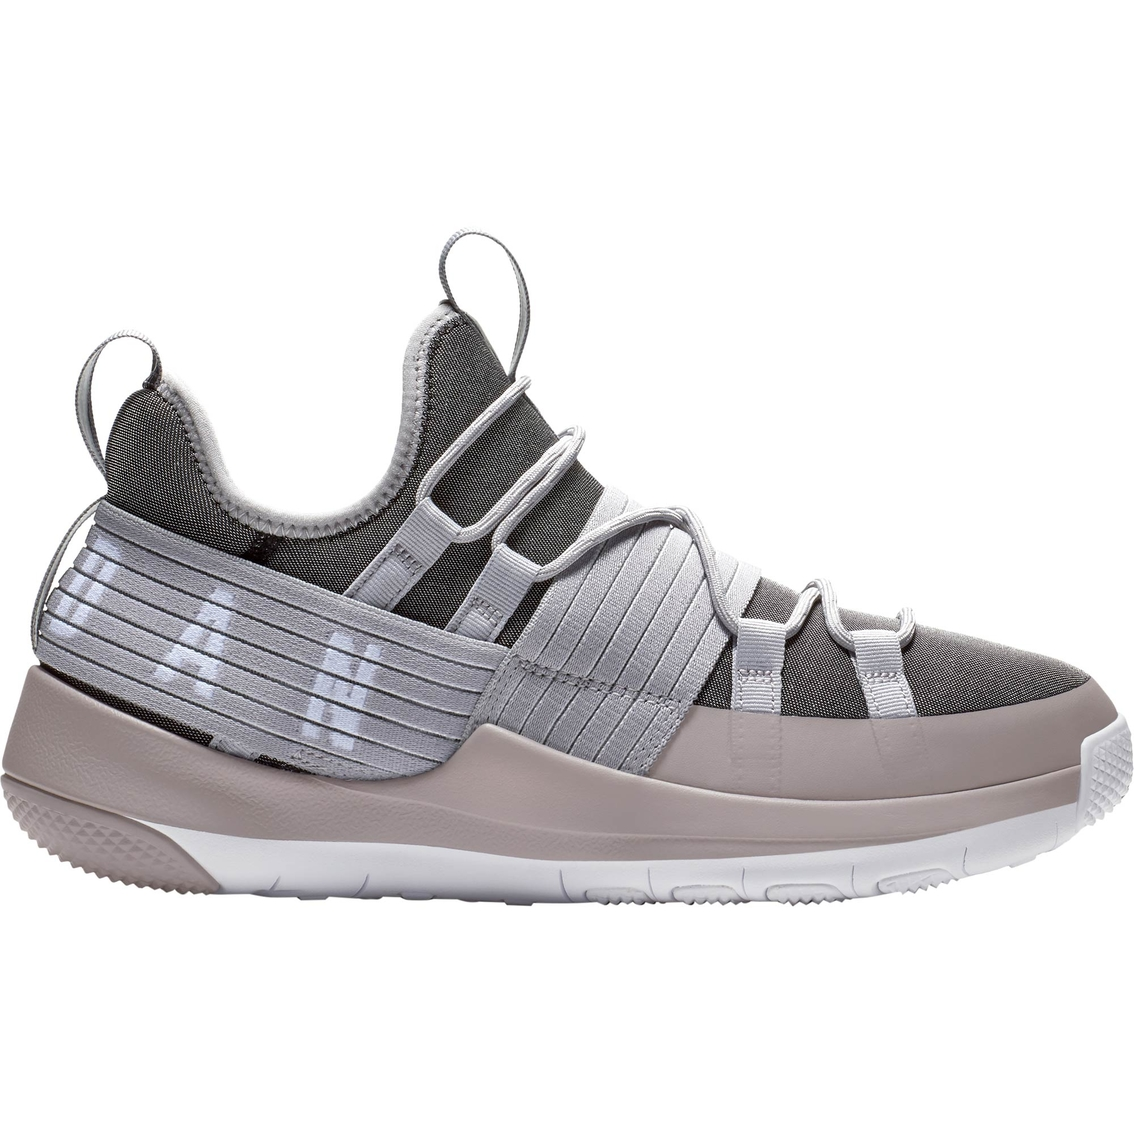 7d7ad1c806e0 Jordan Men s Trainer Pro Training Shoes